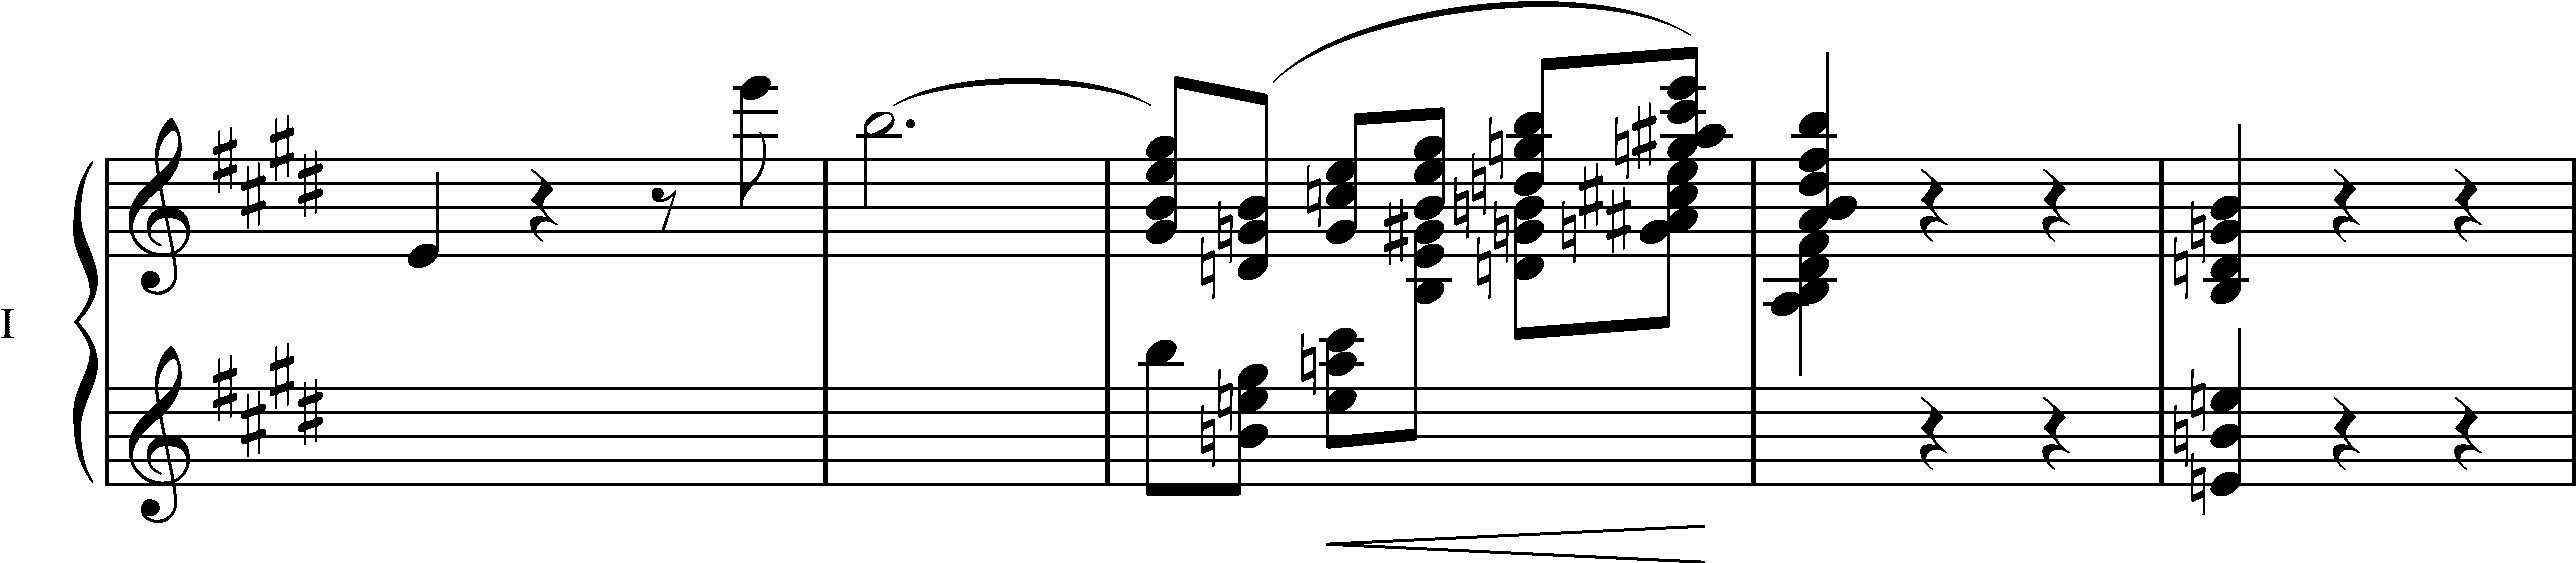 Score example 3